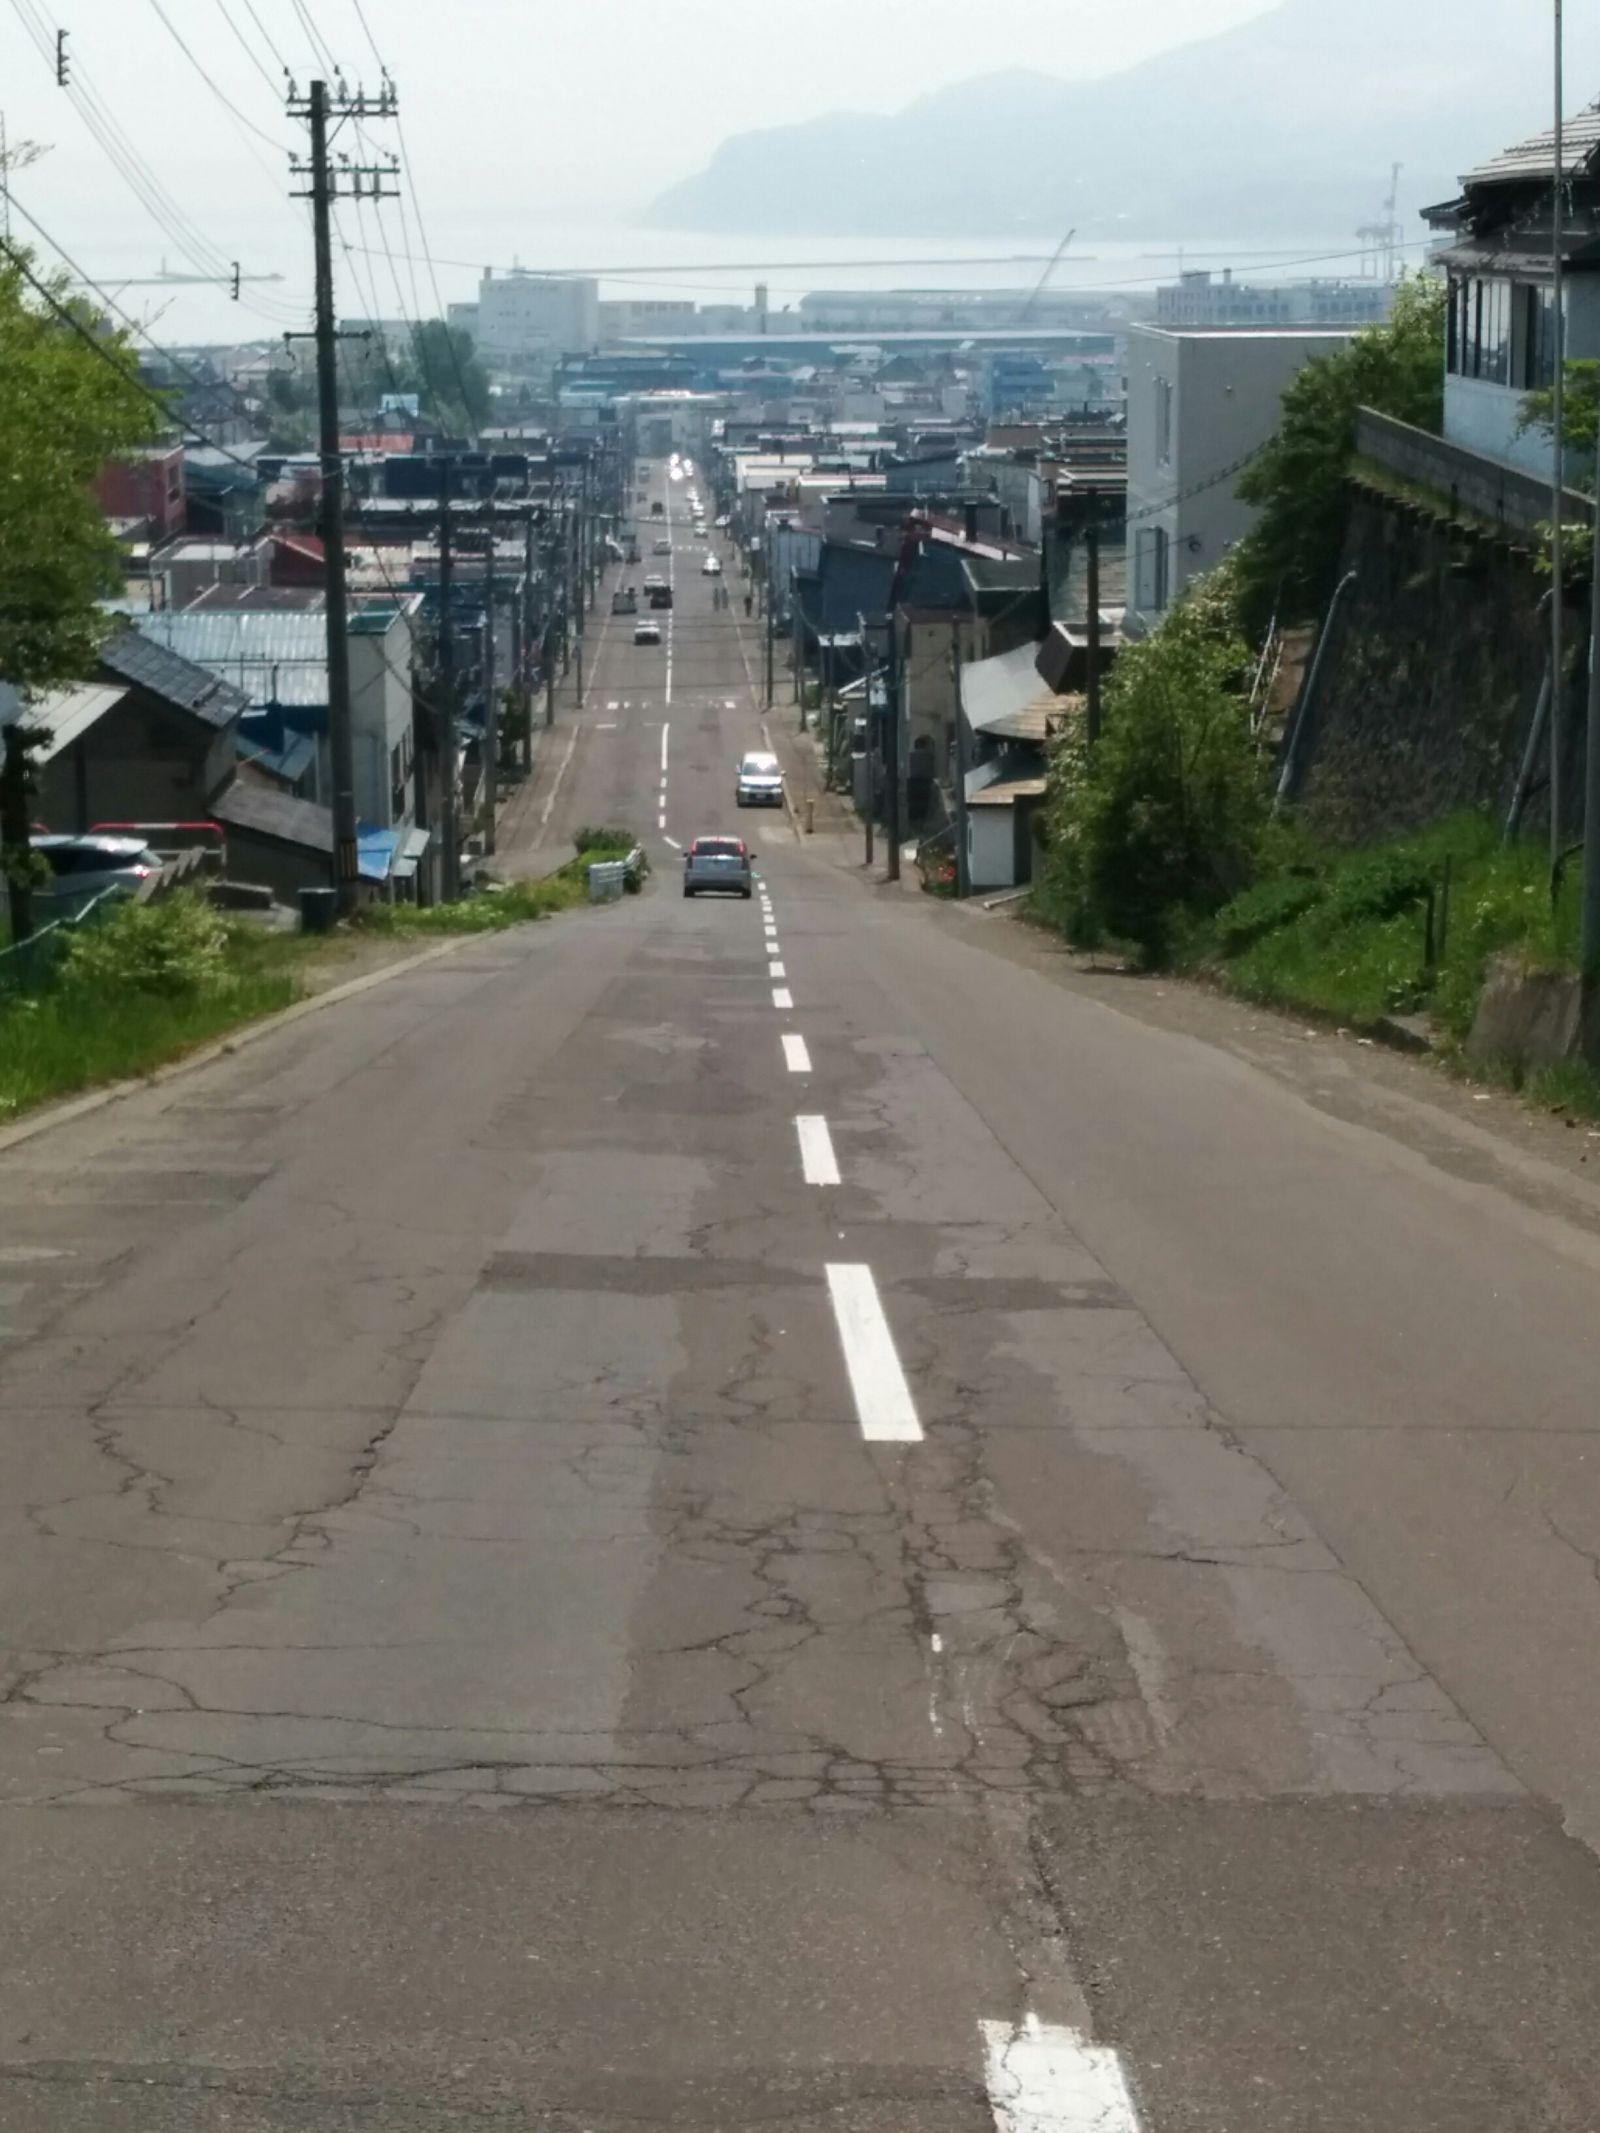 【小樽市】映画「世界から猫が消えたなら」小樽ロケの坂道観光案内です。